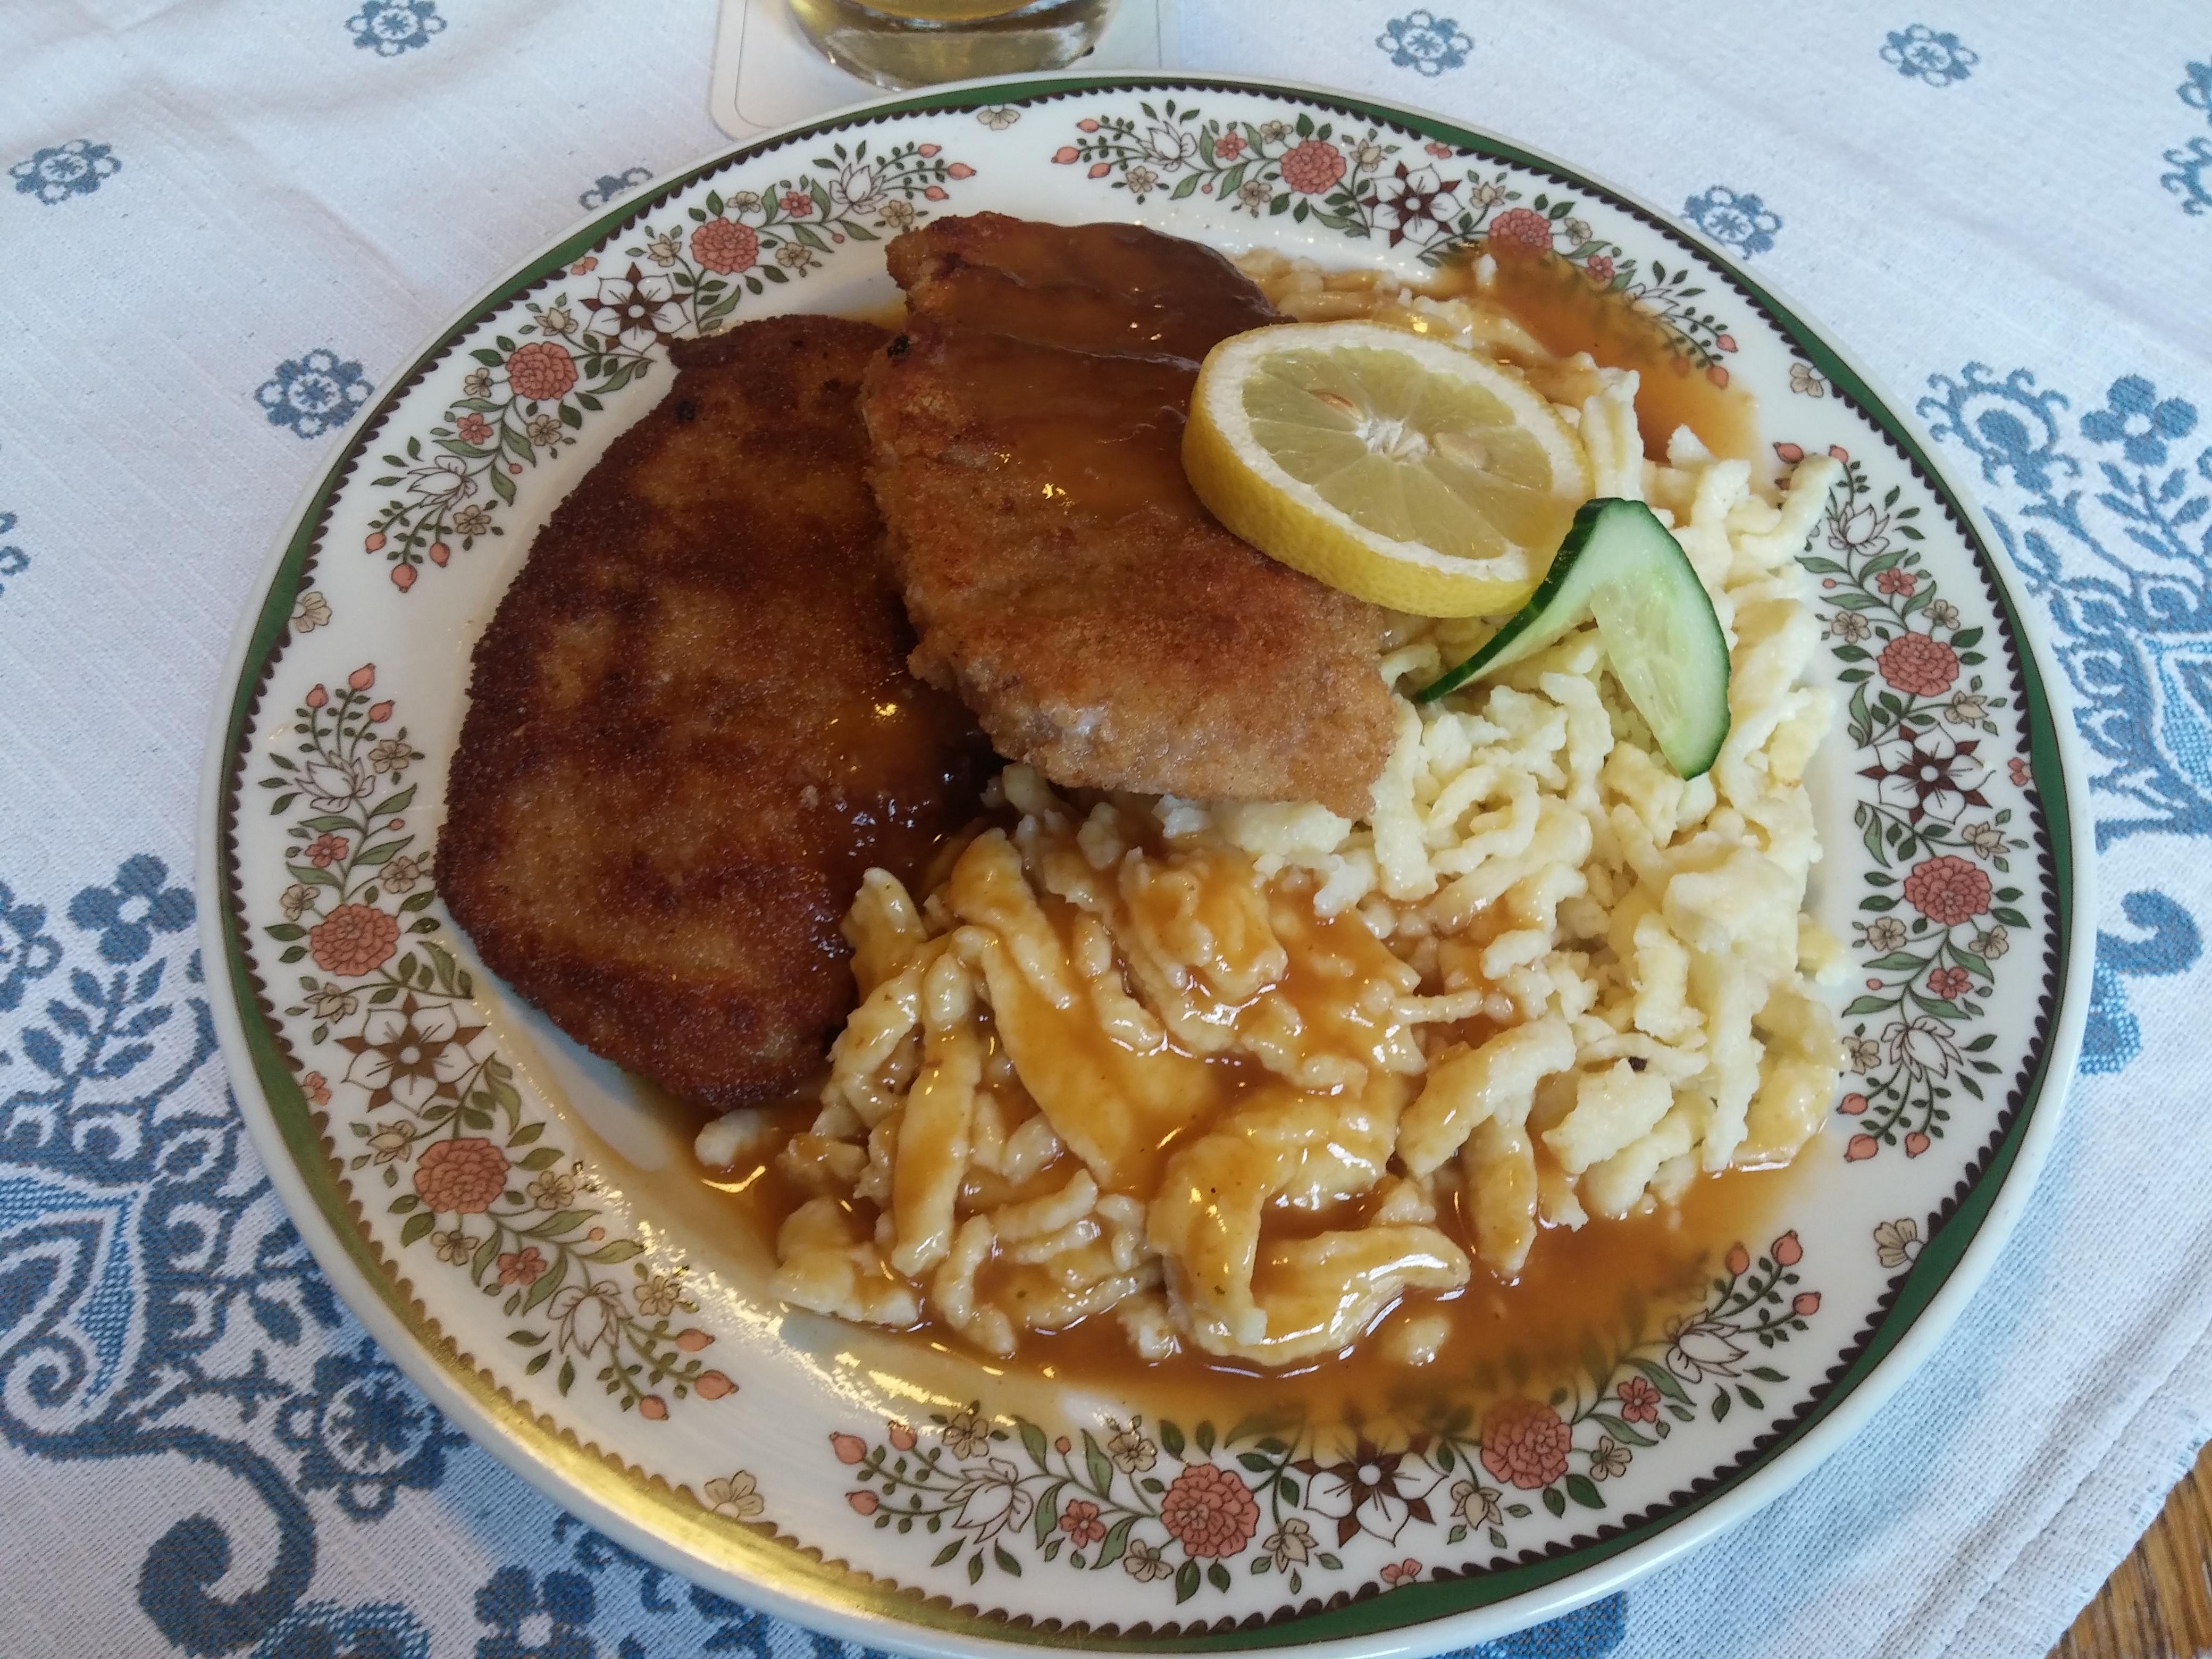 http://foodloader.net/nico_2015-06-28_panierte-schnitzel-mit-spaetzle-und-sauce.jpg